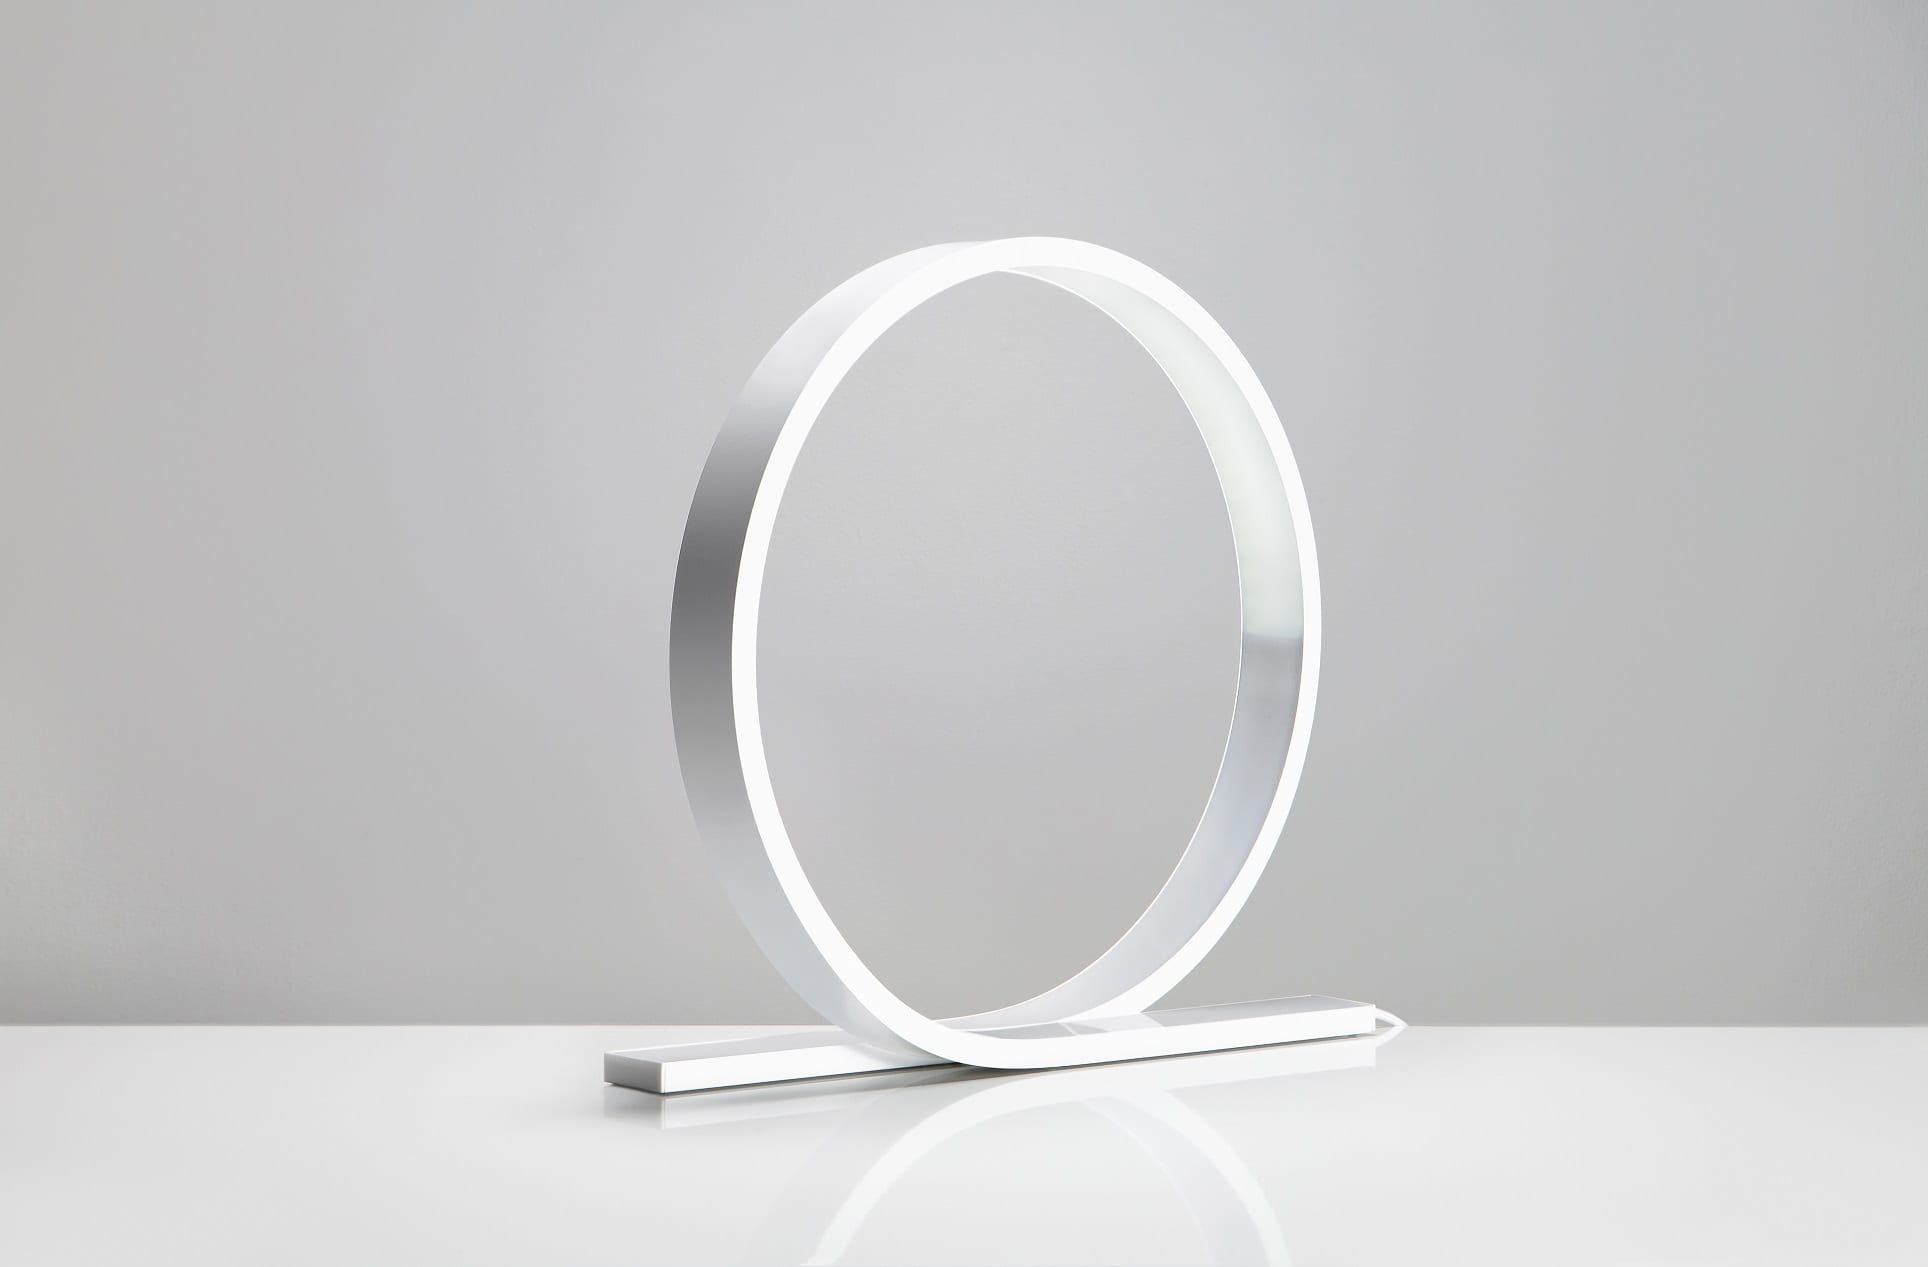 גופי תאורה מעוצבים דגם לופ לבן